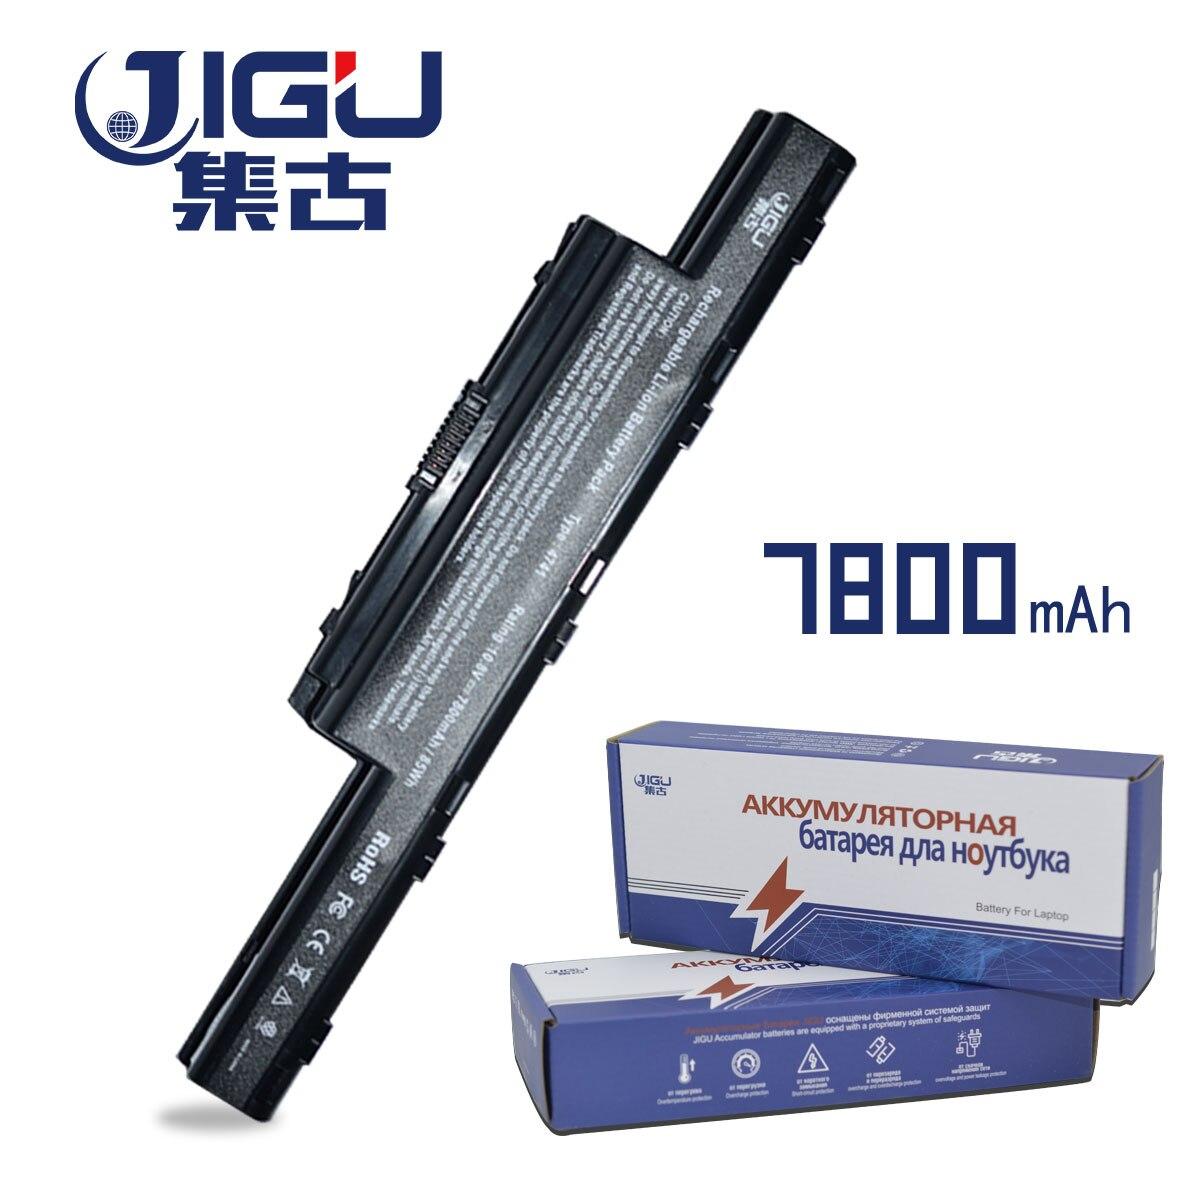 JIGU 7750g NUOVA Batteria Del Computer Portatile Per Acer Aspire V3 V3-471G V3-551G V3-571G V3-771G E1 E1-421 E1-431 E1-471 E1-531 E1-571 serie